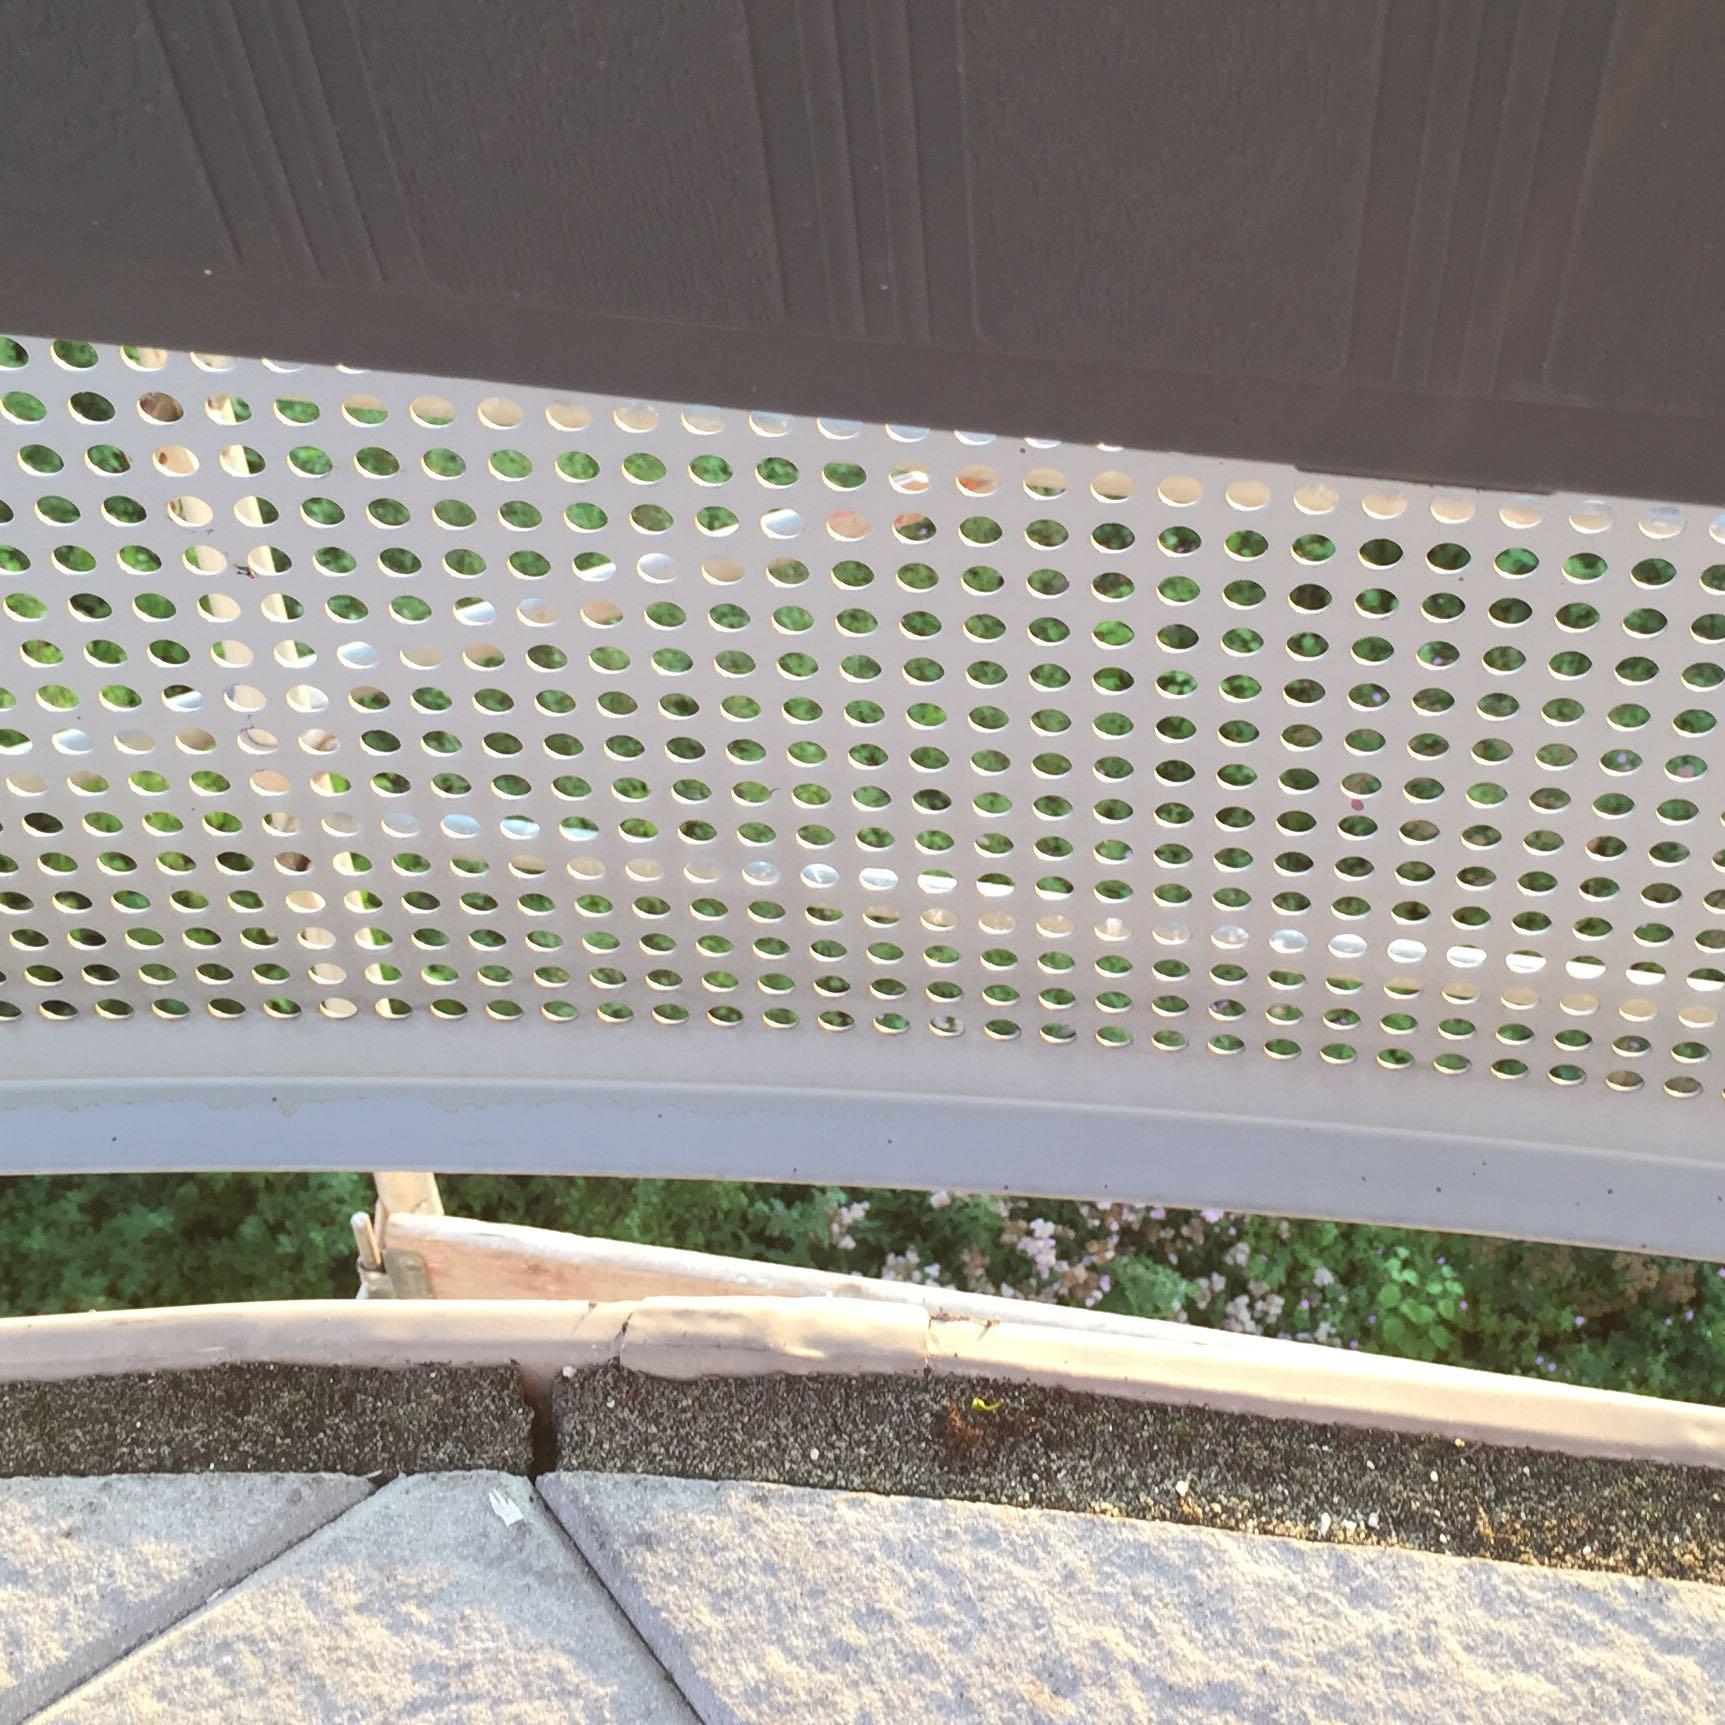 wie kann ich verhindern dass das wasser zum nachbarn flie t pflege garten pflanzen. Black Bedroom Furniture Sets. Home Design Ideas